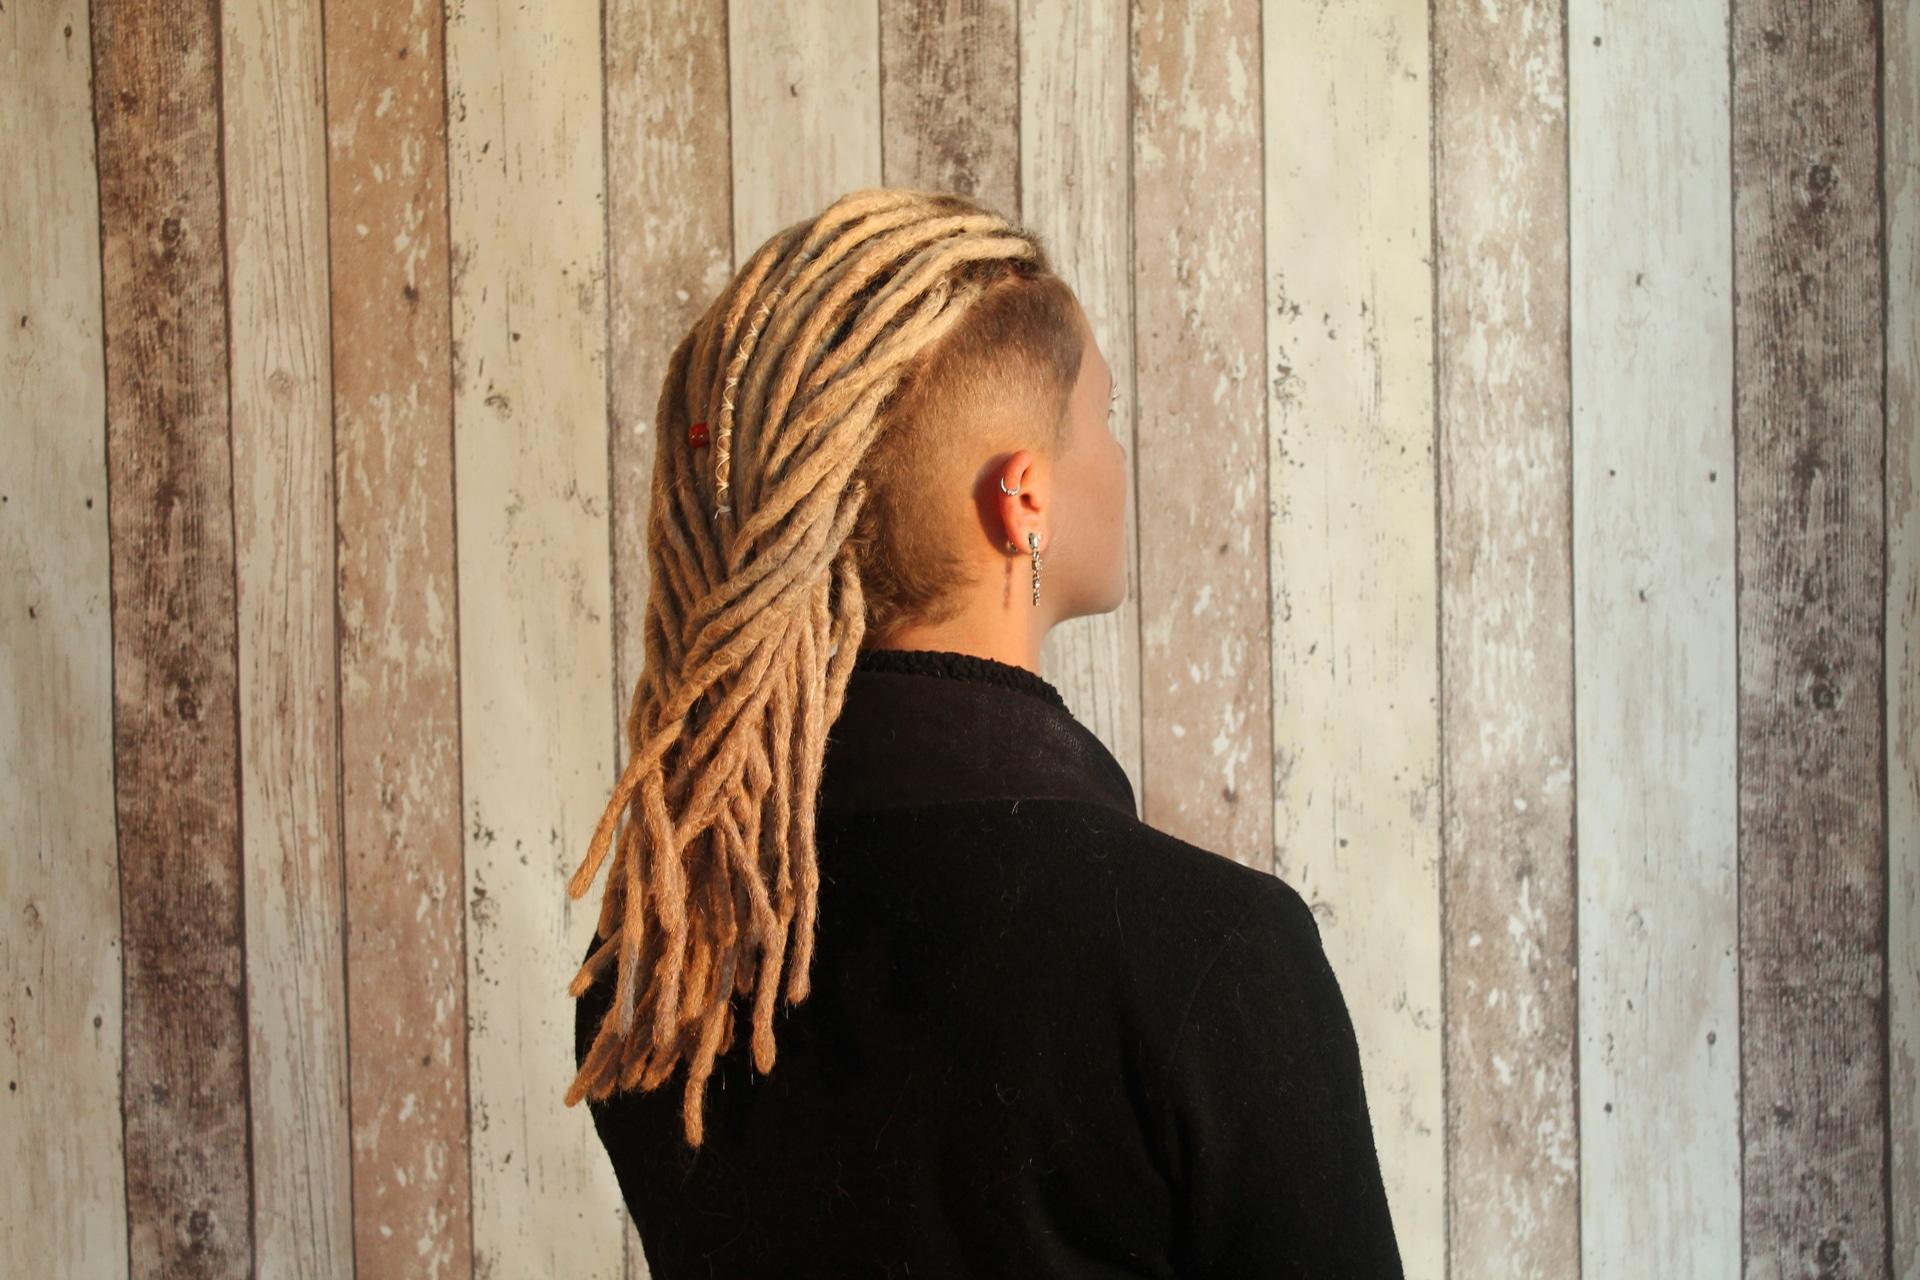 extensionCréation d'extensions de dreads naturelles blondes